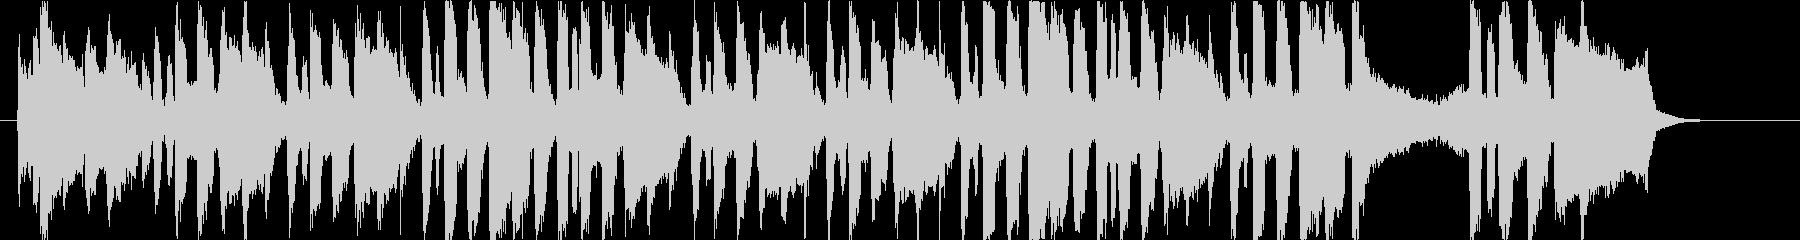 誕生日の歌(ワルツver) 【ユイ】の未再生の波形